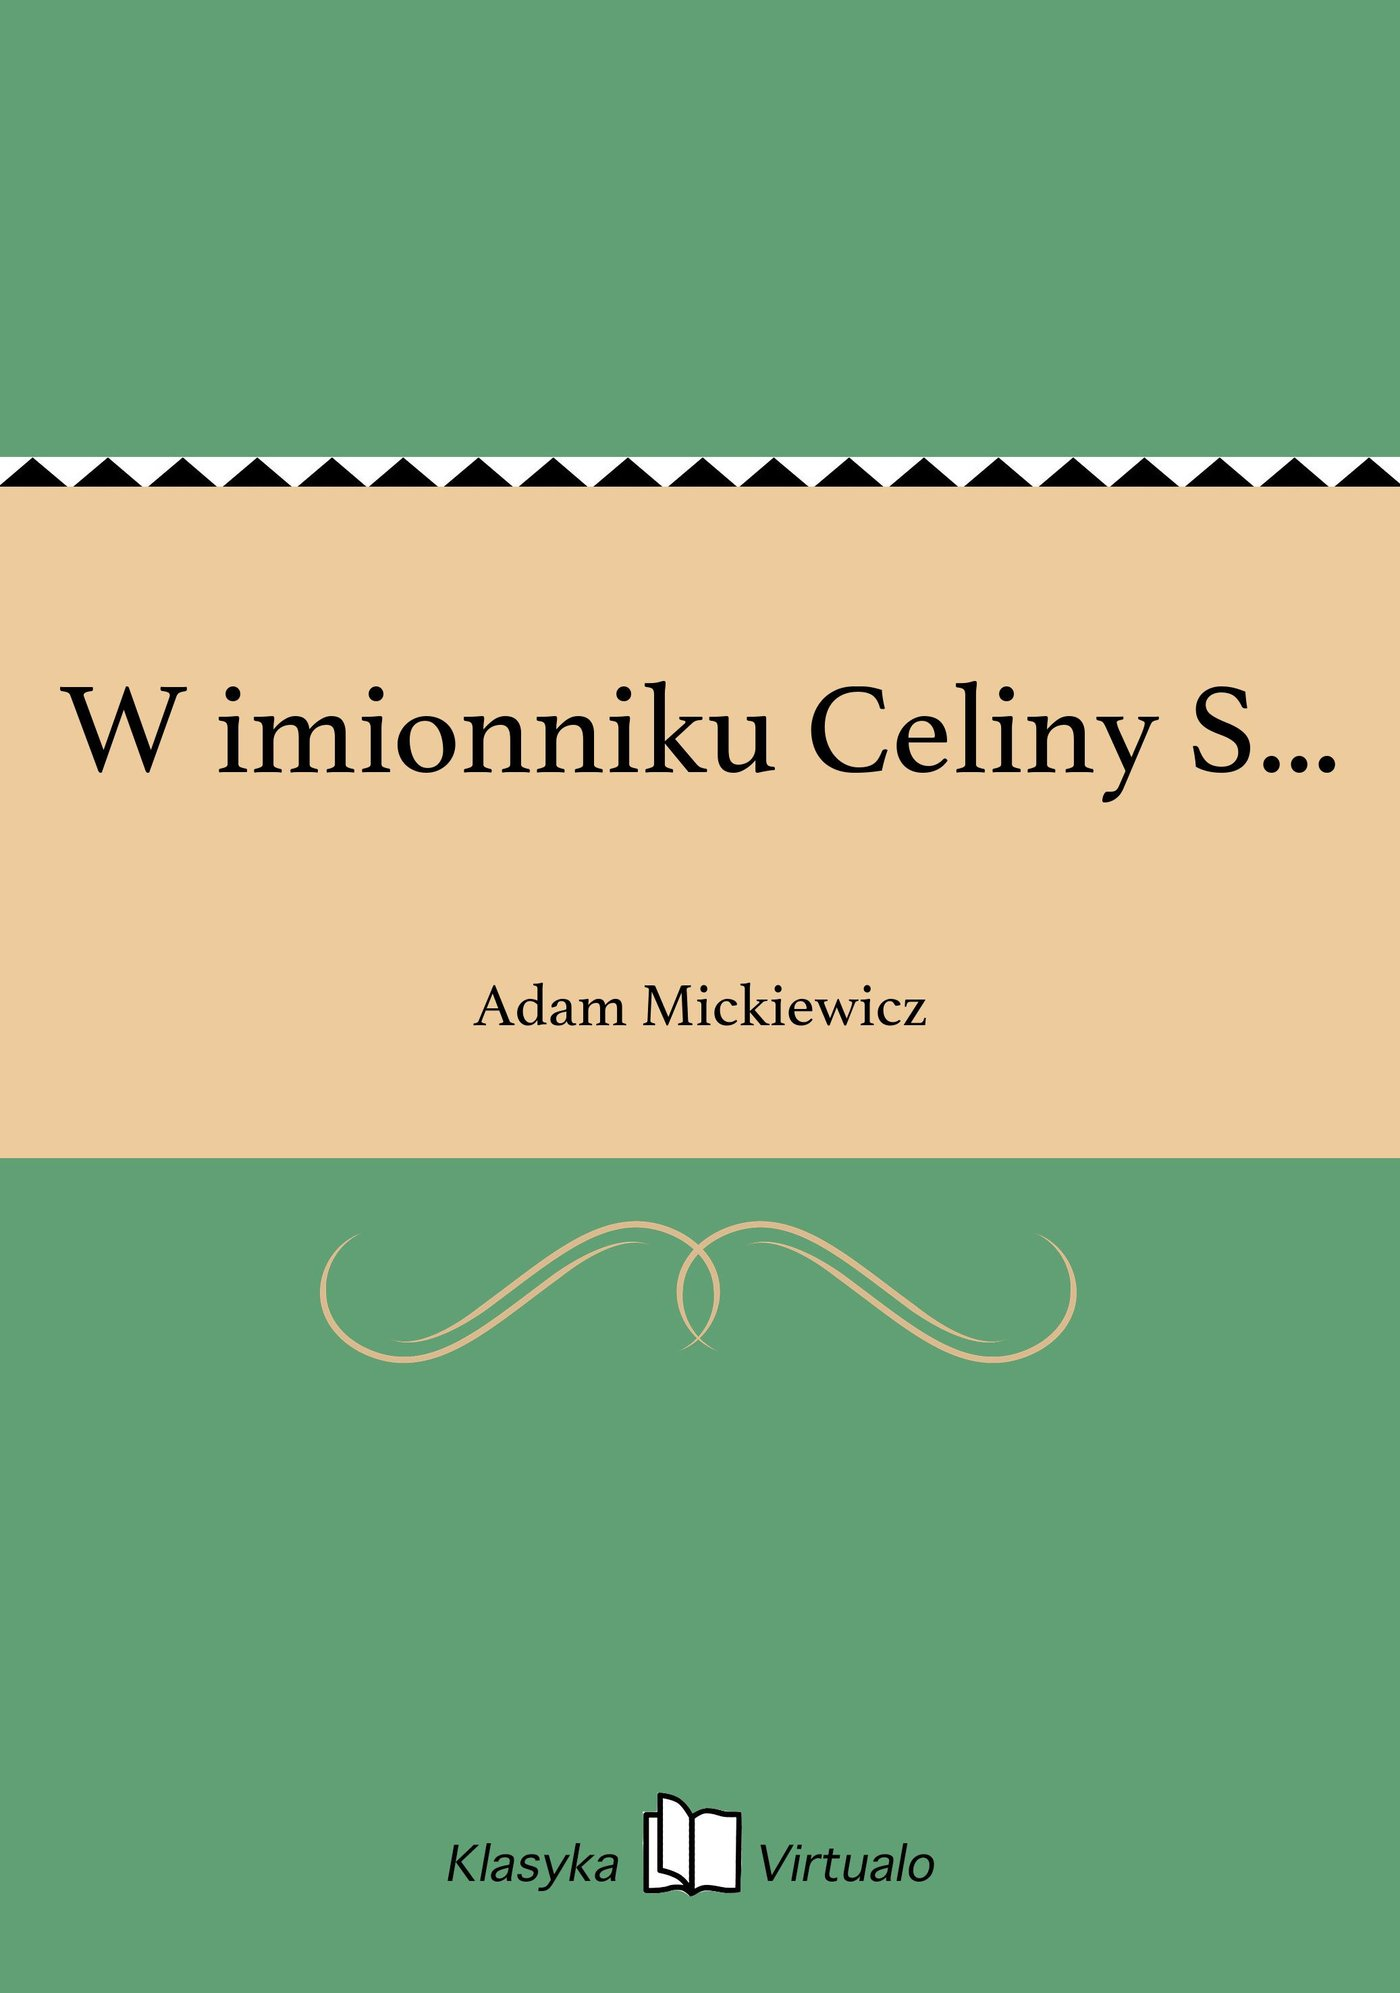 W imionniku Celiny S... - Ebook (Książka EPUB) do pobrania w formacie EPUB